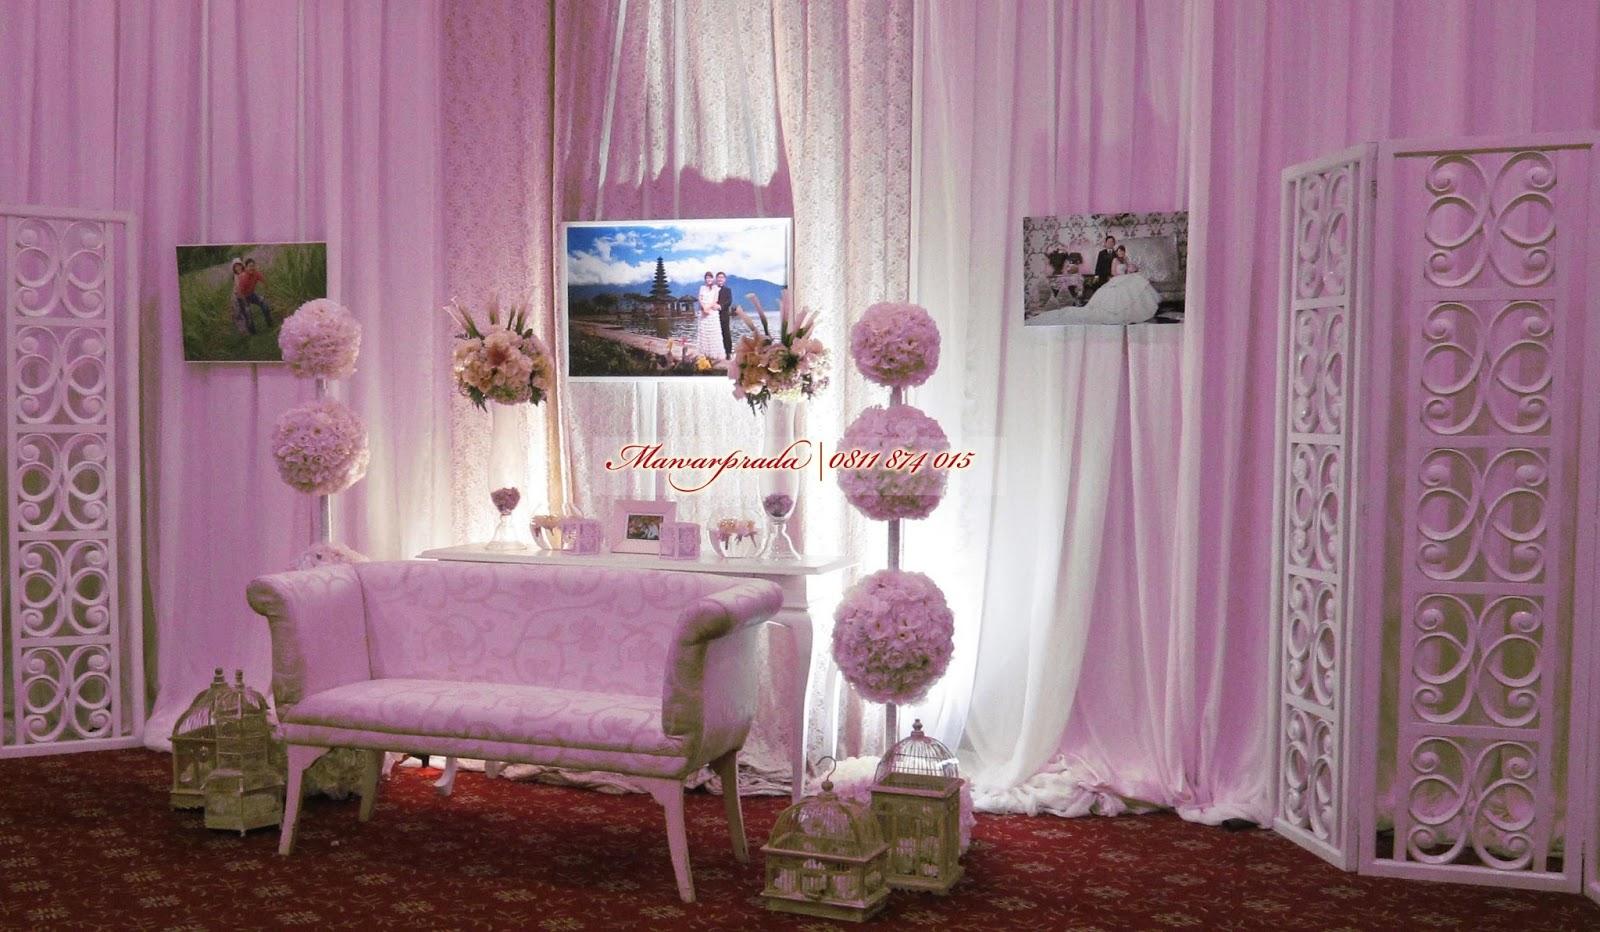 gambar atau contoh Photo Booth Pernikahan di sekitar joglosemar